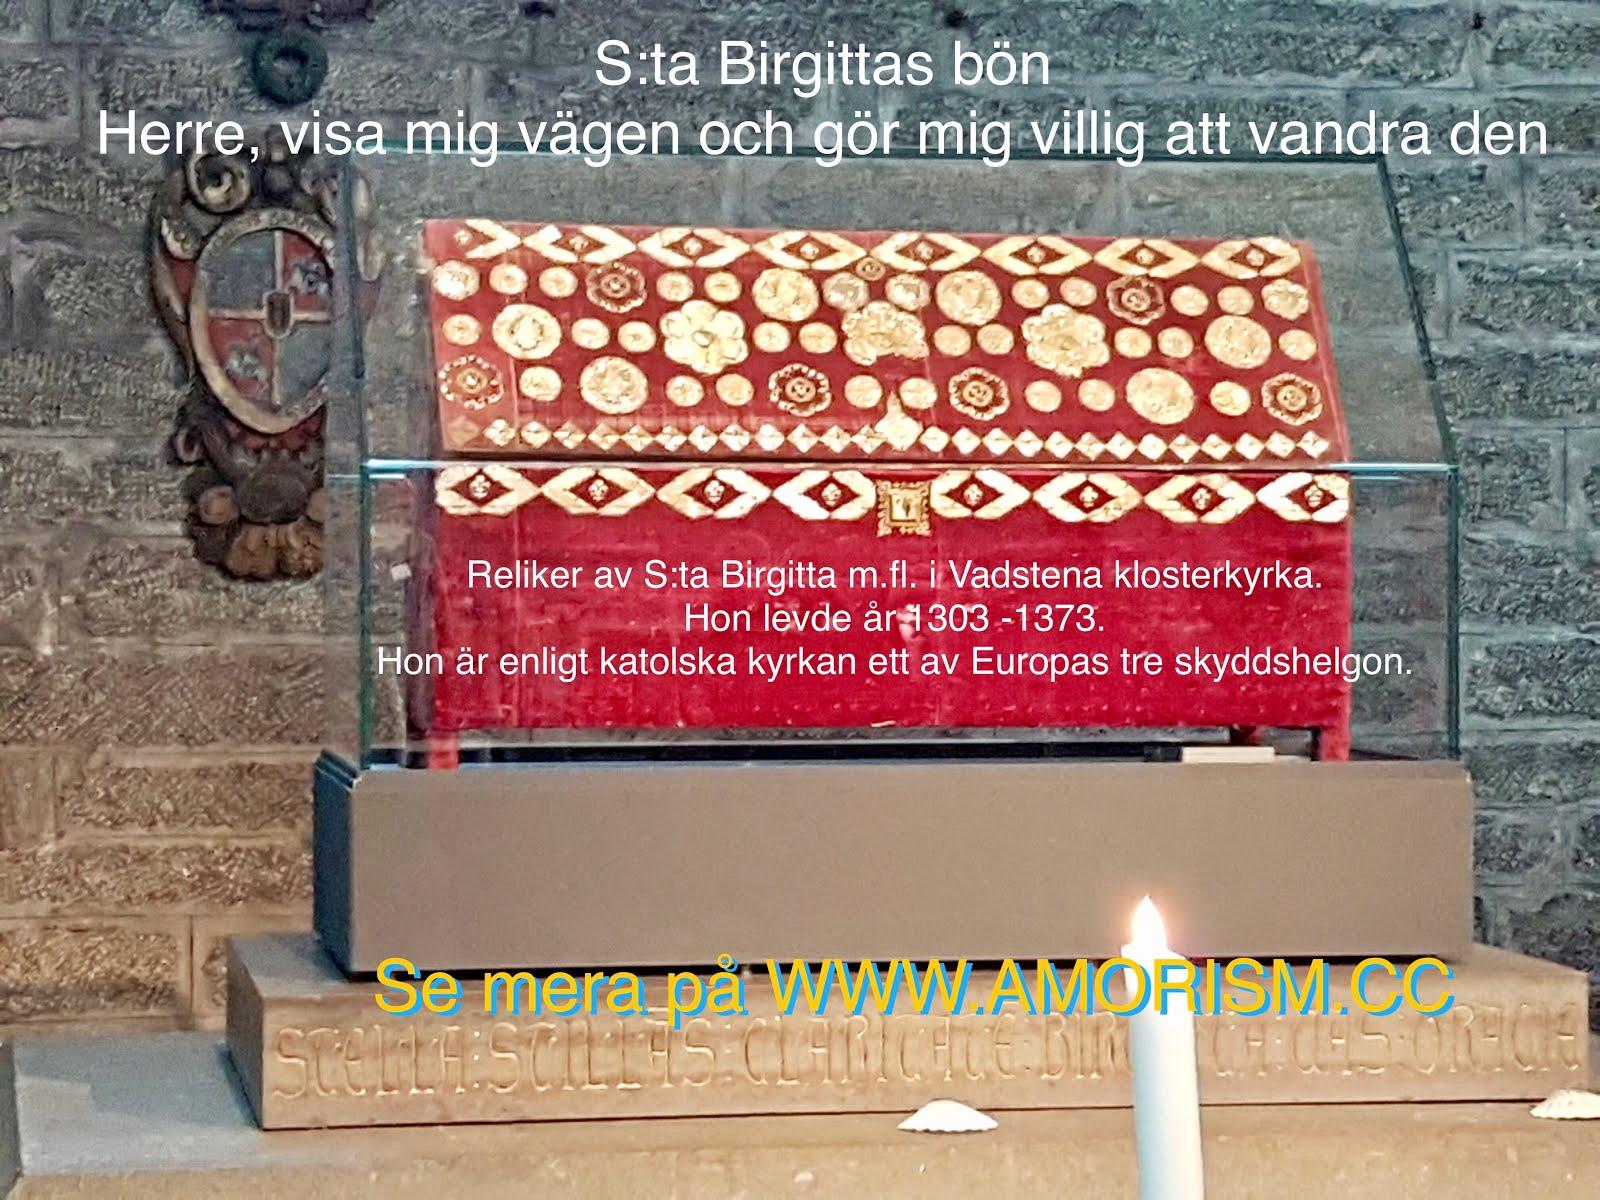 Bild på relikskrin Heliga Birgitta eller Sankta Birgitta eller S:ta Birgitta jpg